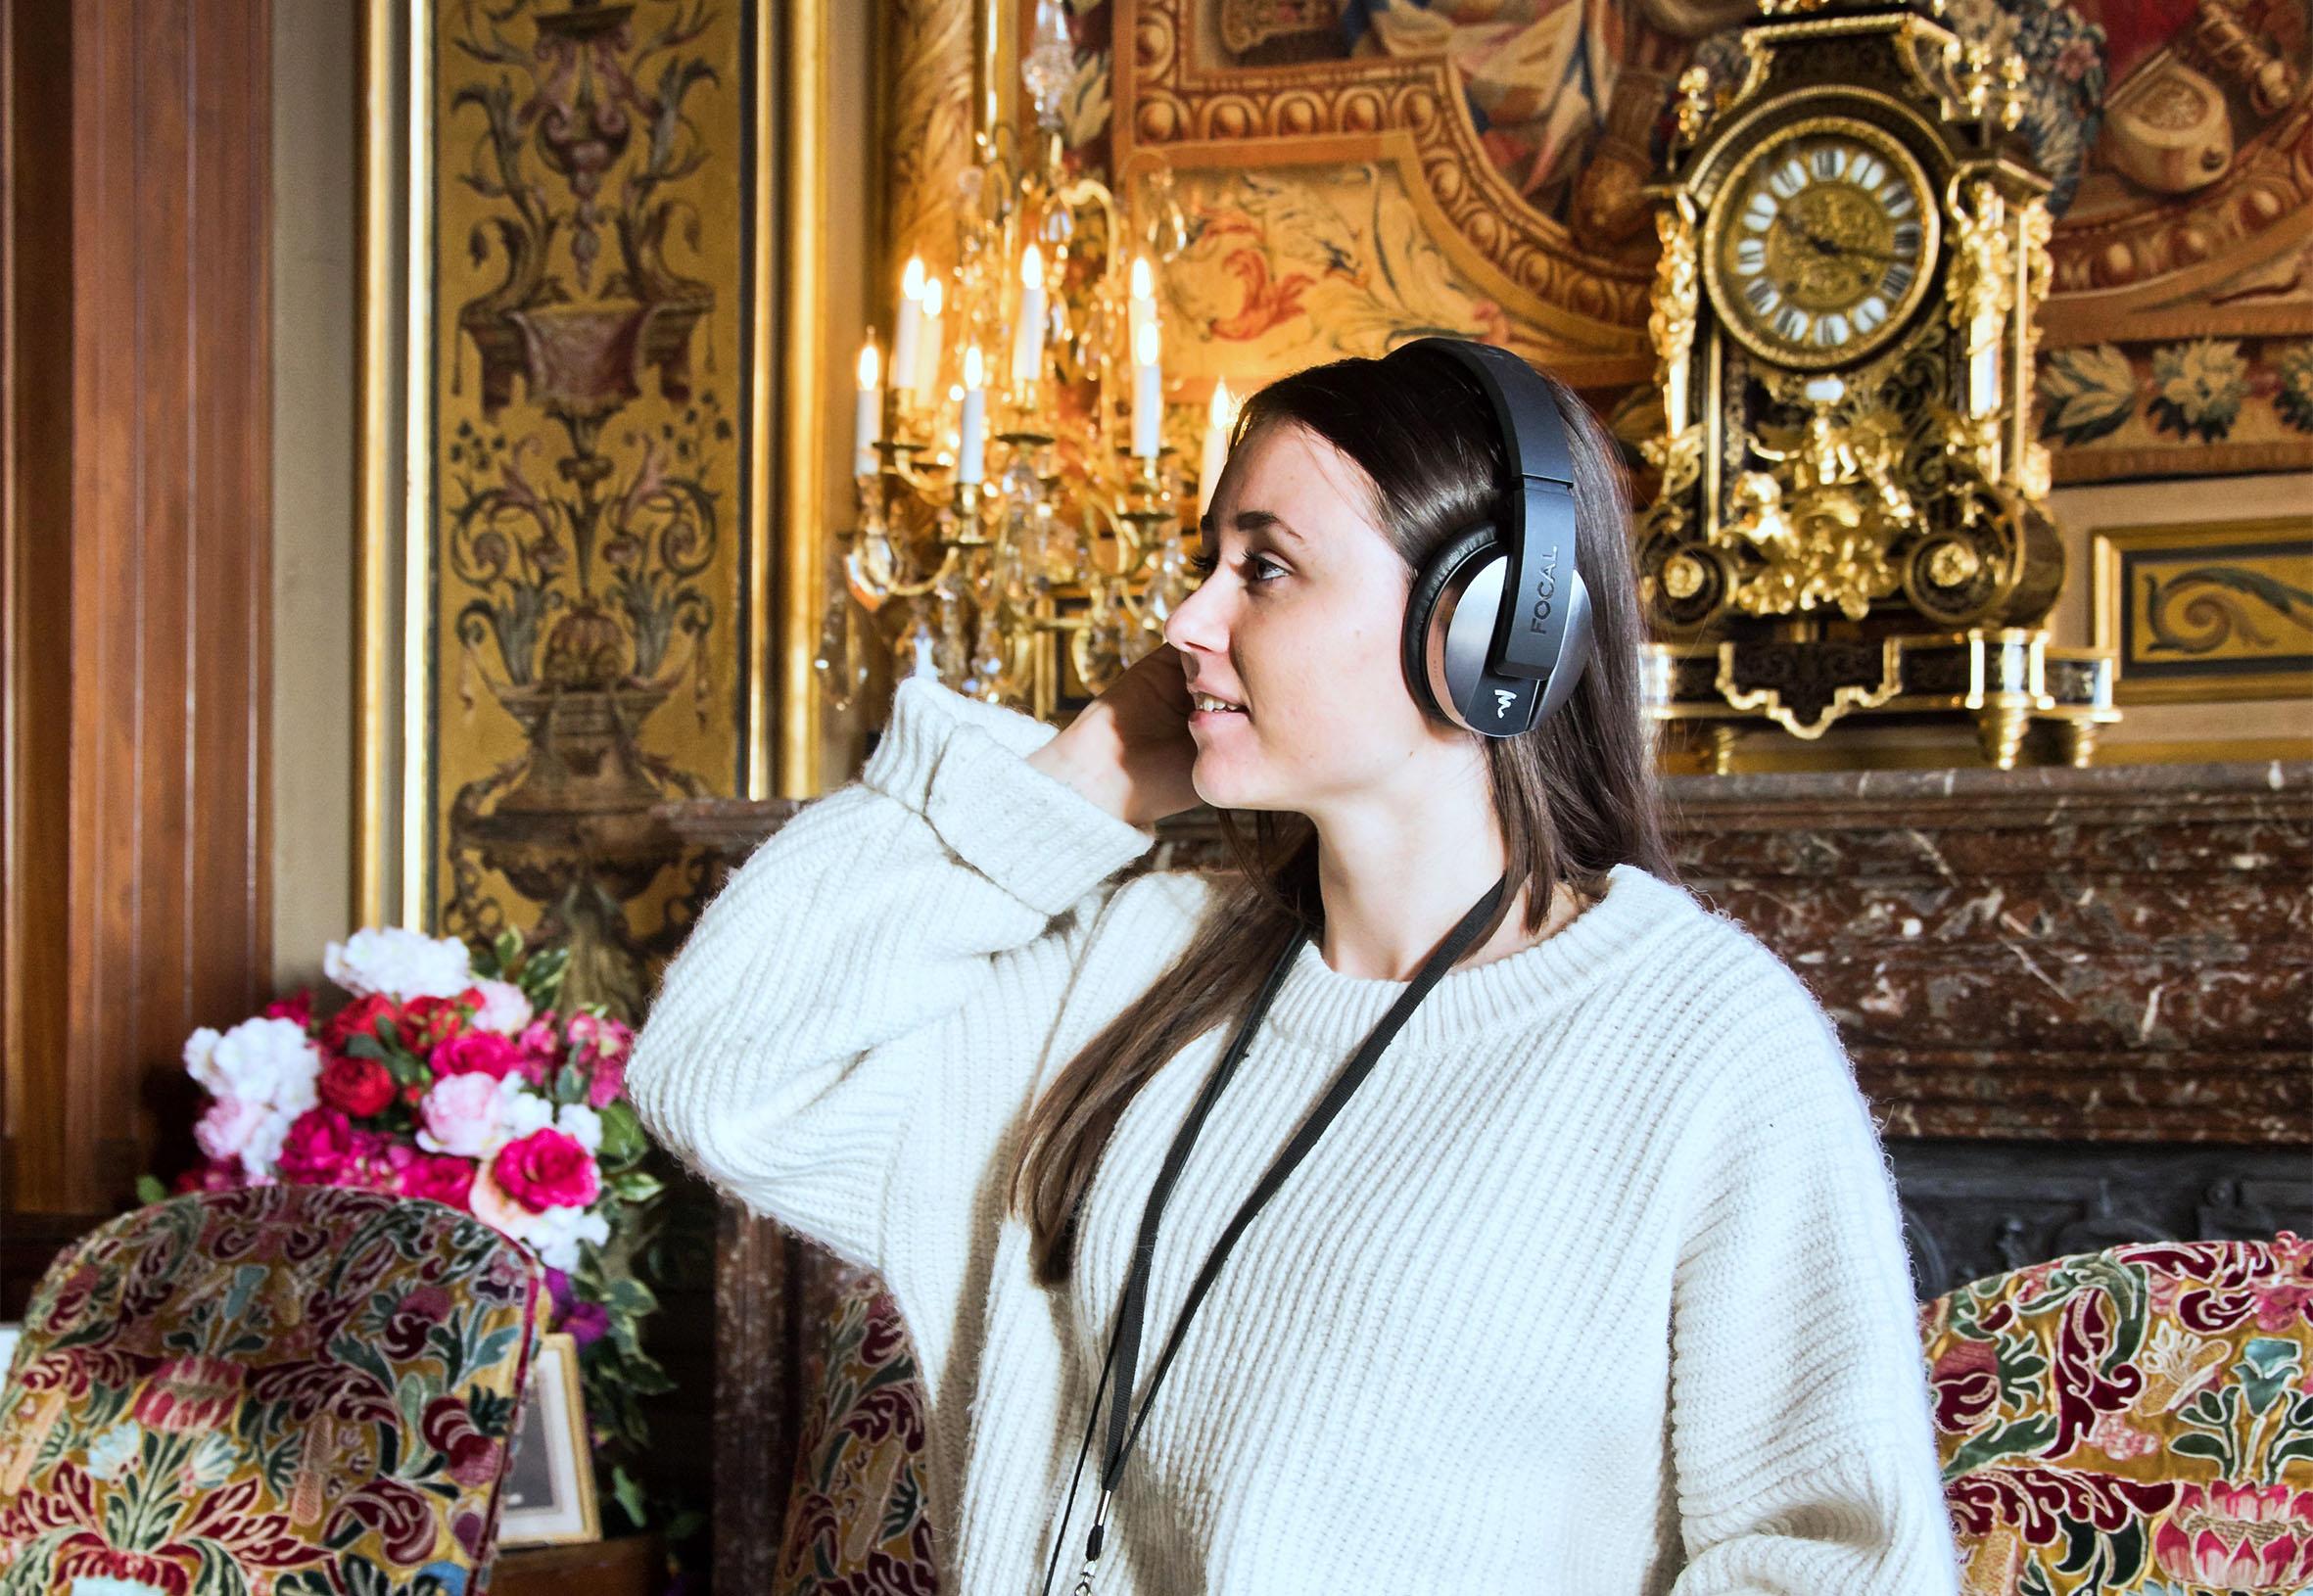 Parcours sonore immersif à Vaux-le-Vicomte